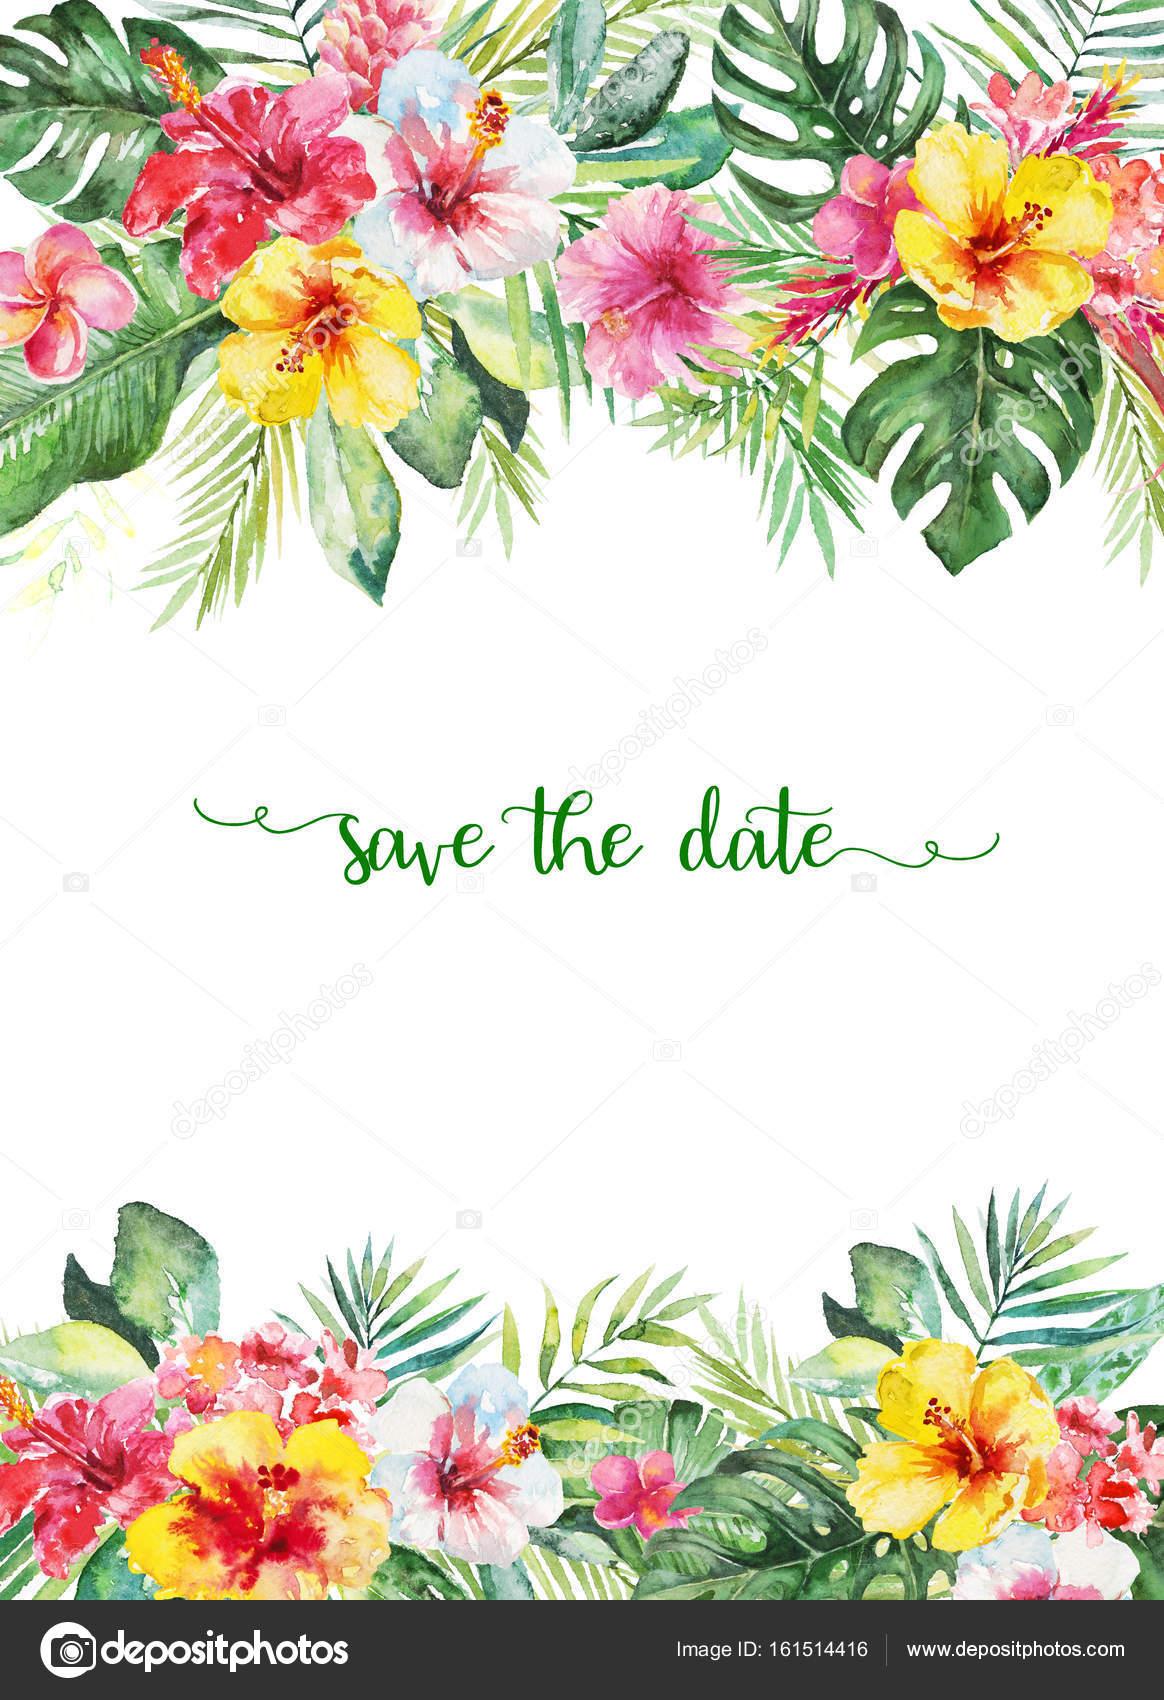 水彩の熱帯花のイラスト 結婚式記念日誕生日招待状カード